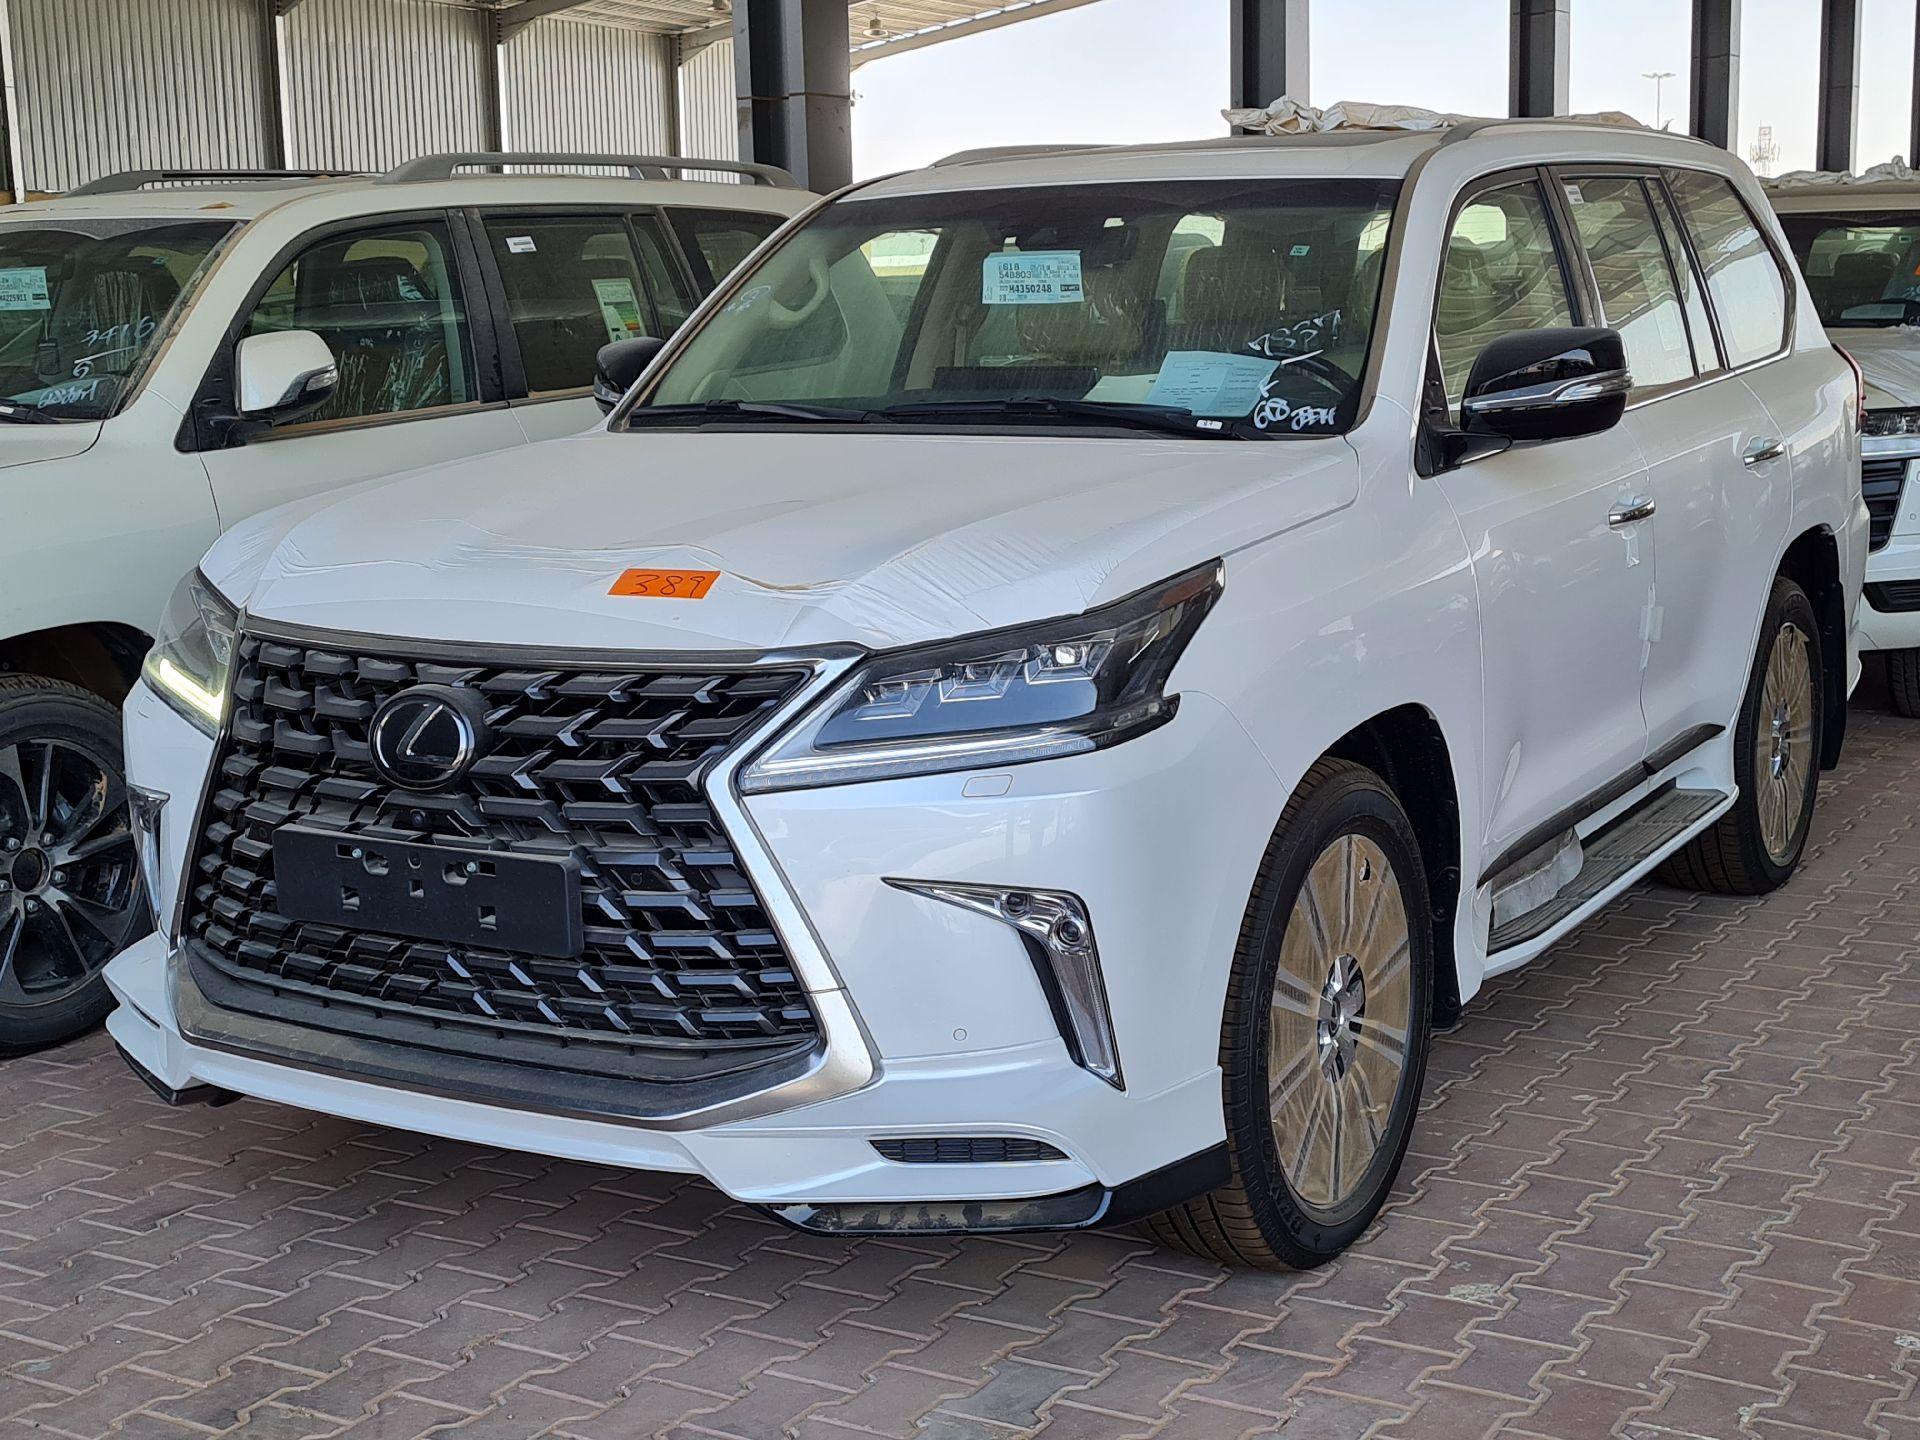 مباع - لكزس LX 570-S Sport 2021 فل سعودي للبيع في الرياض - السعودية - صورة كبيرة - 4